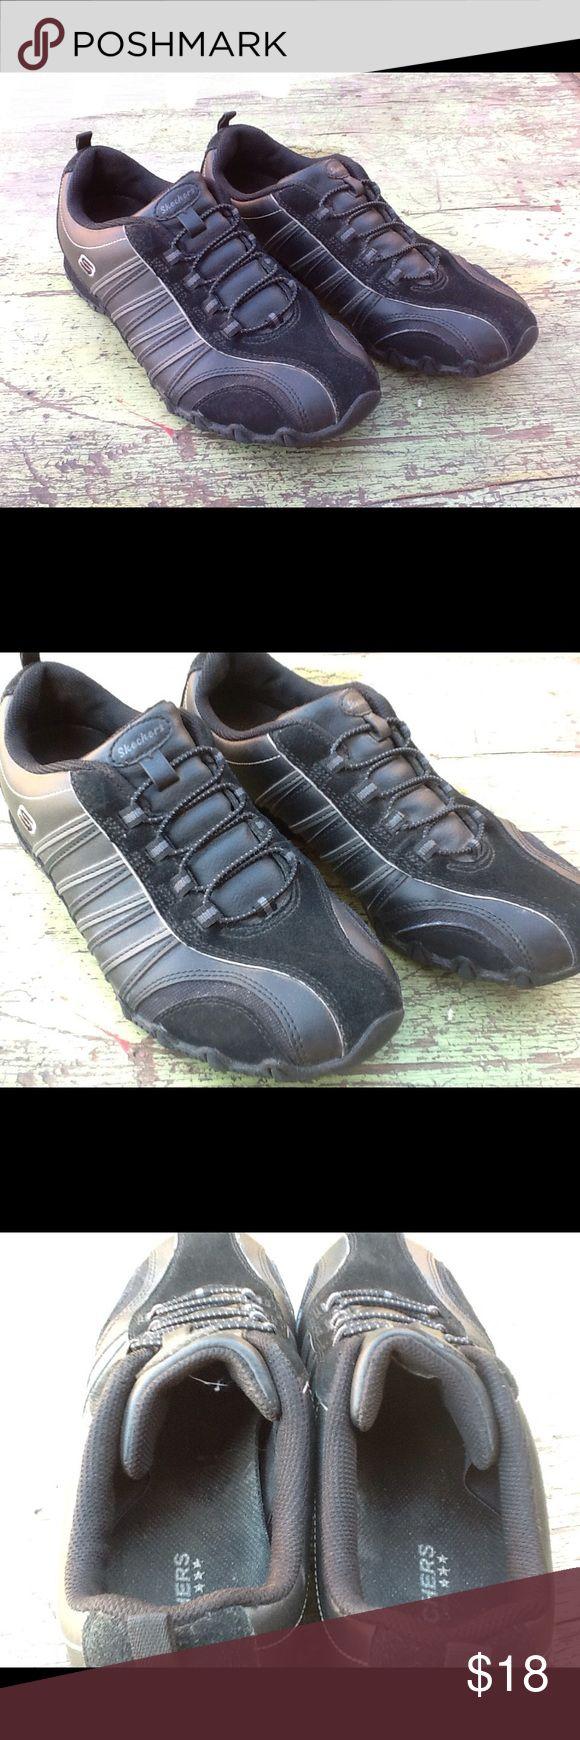 Black Skechers Size 8 Good shape black Skechers. Skechers Shoes Sneakers